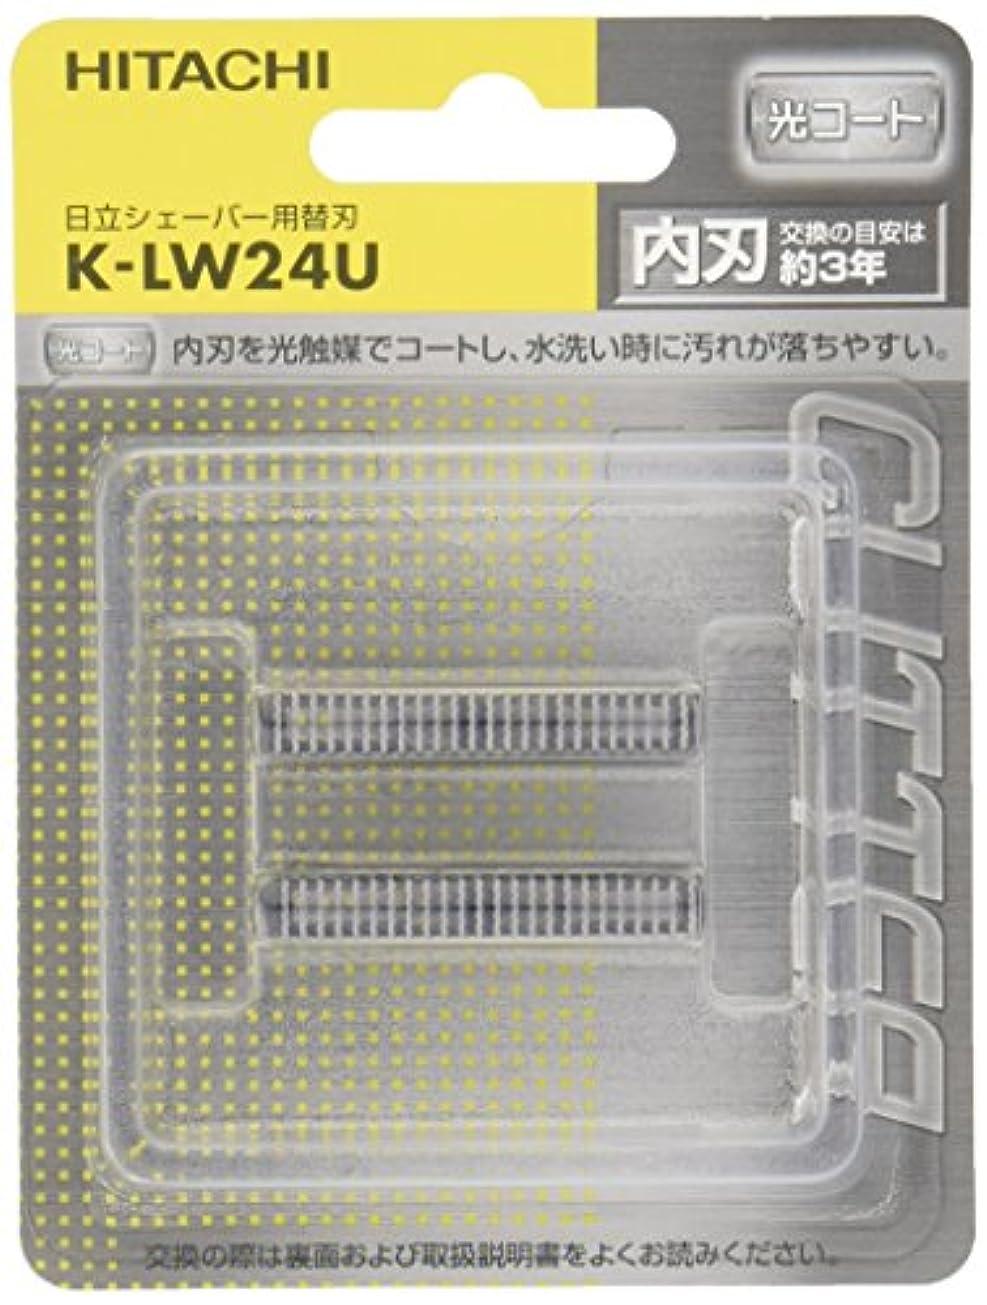 ディレクトリ先くさび日立 メンズシェーバー用替刃 K-LW24U